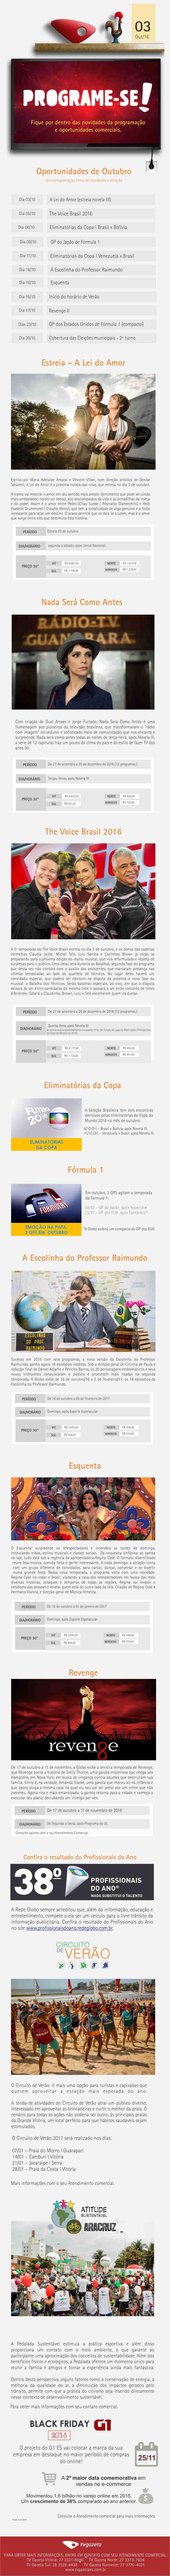 Programe-se outubro (Foto: Marketing TV Gazeta)